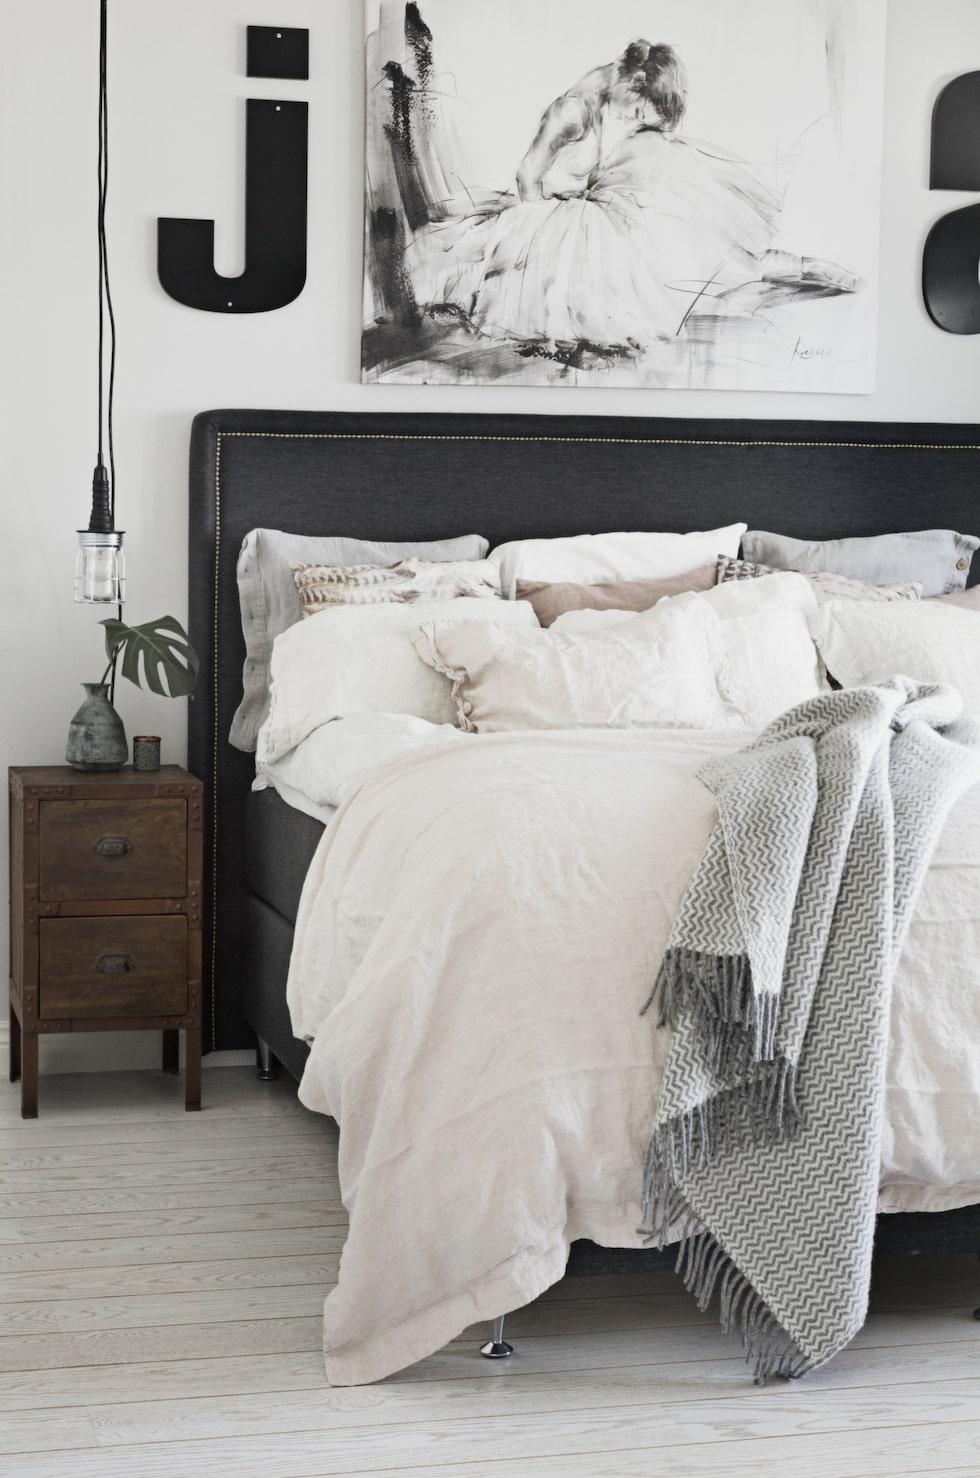 Industrilampa från Granit. Tavla från Mio. Sängbord i återvunnet trä från Myhomemyway.se. Sängkläder från Dirty linen, sminkbord från Chilli möbler och matta från House doctor. Stol inropad på auktion.